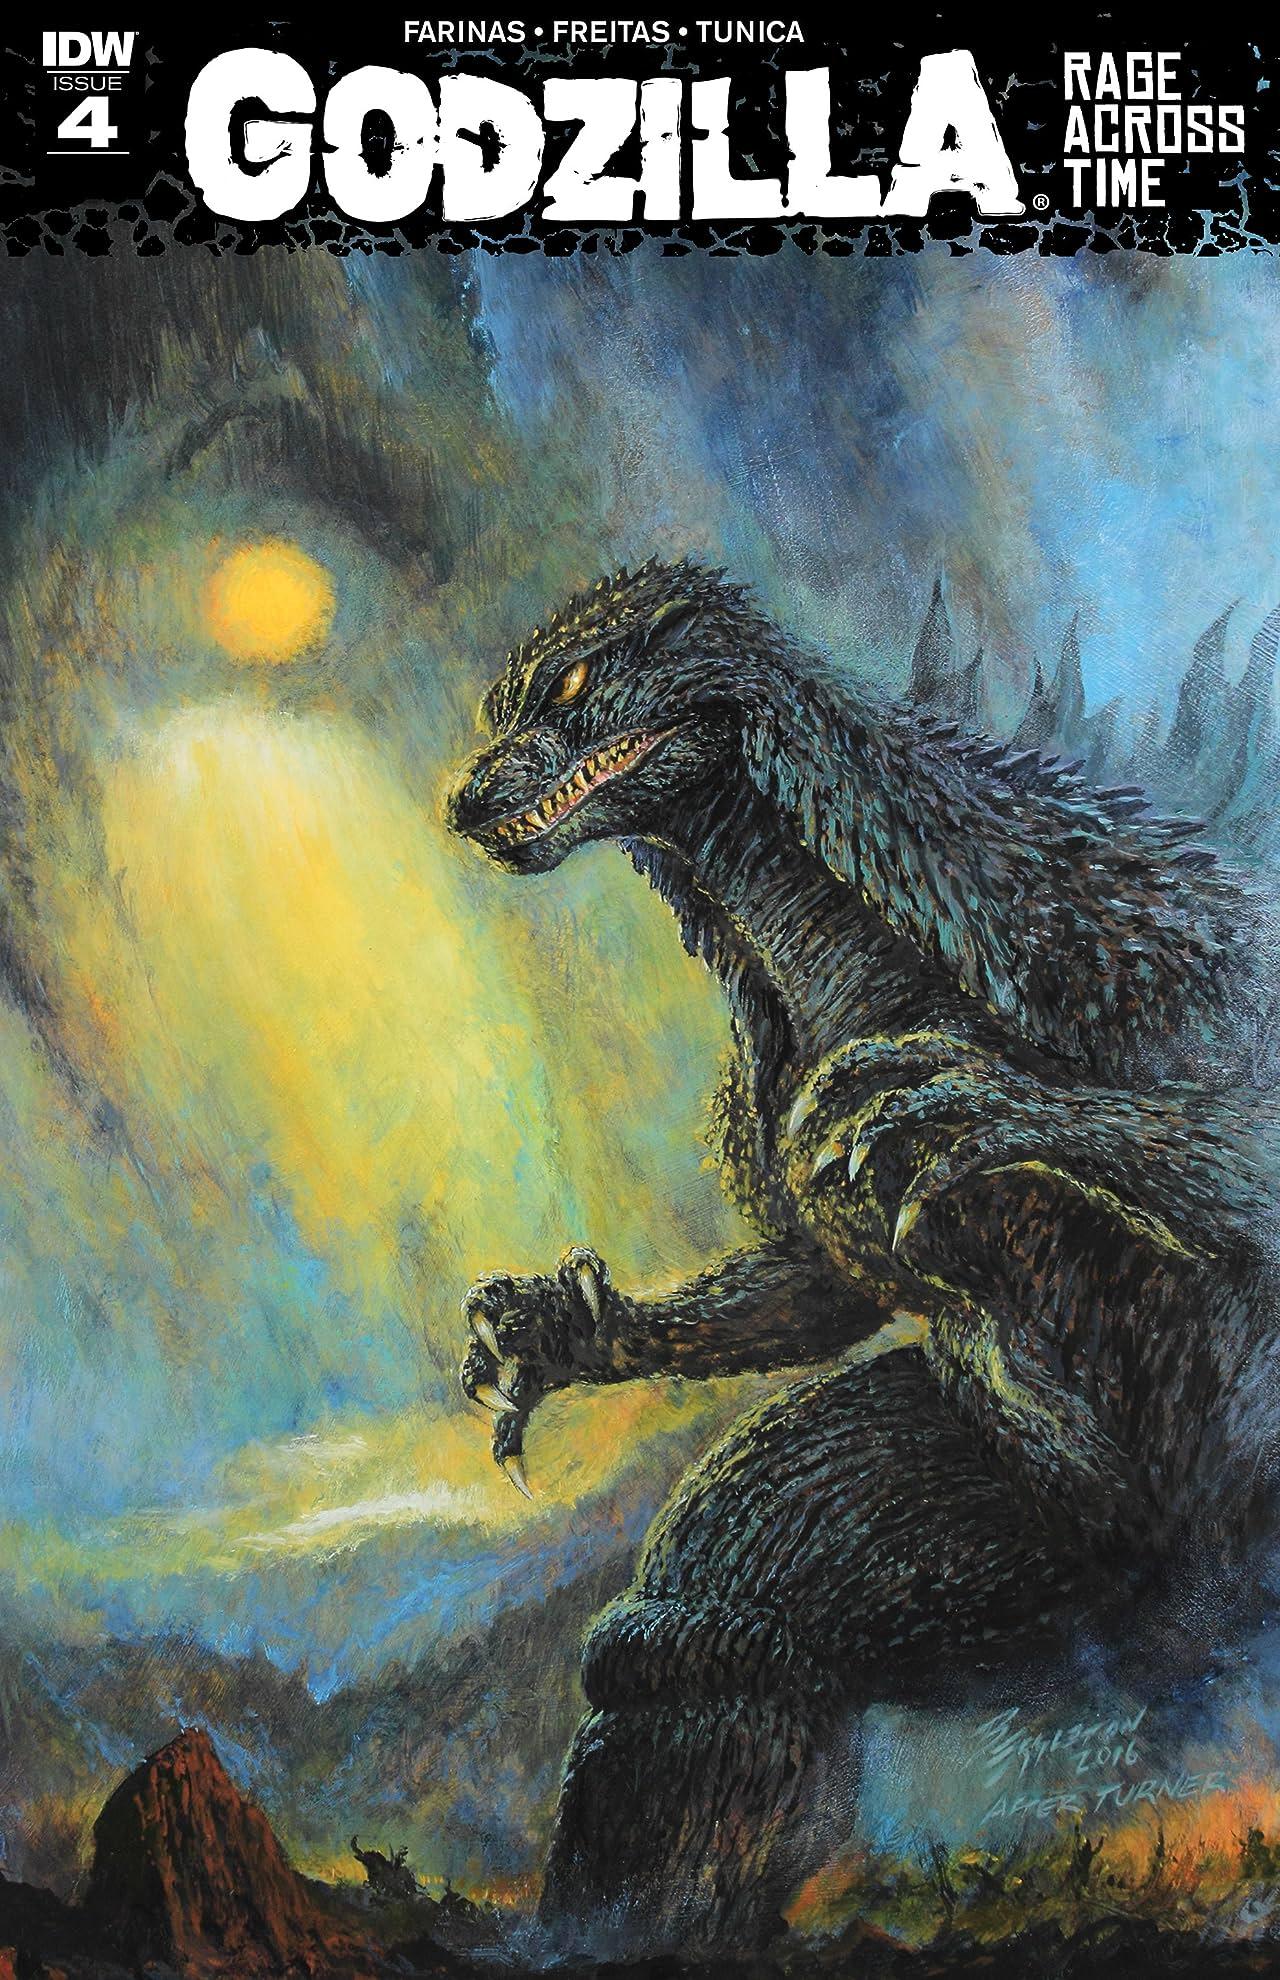 Godzilla: Rage Across Time #4 (of 5)